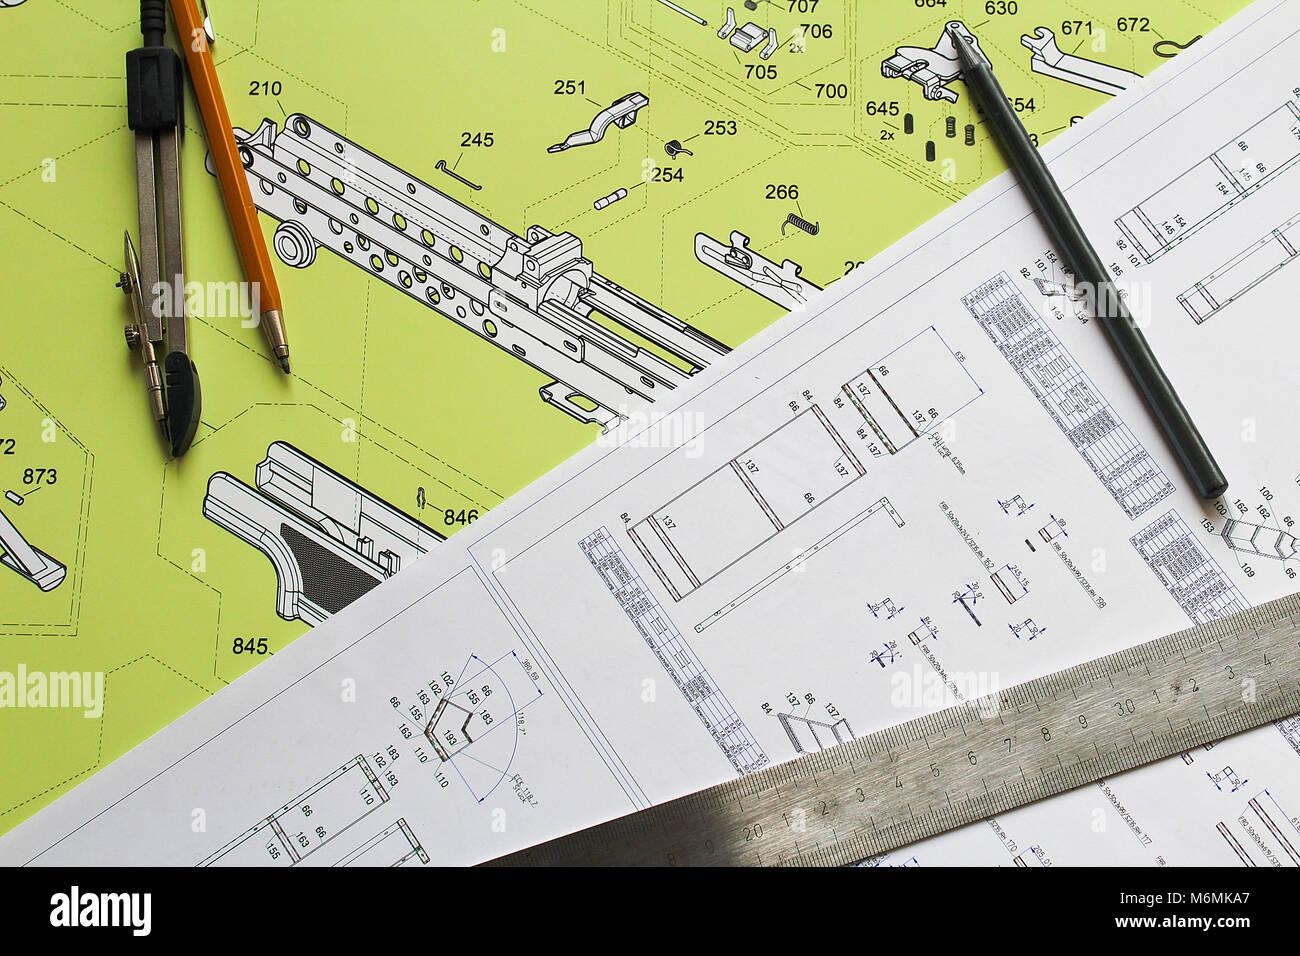 Plan avec crayon, compas et règle en acier Banque D'Images